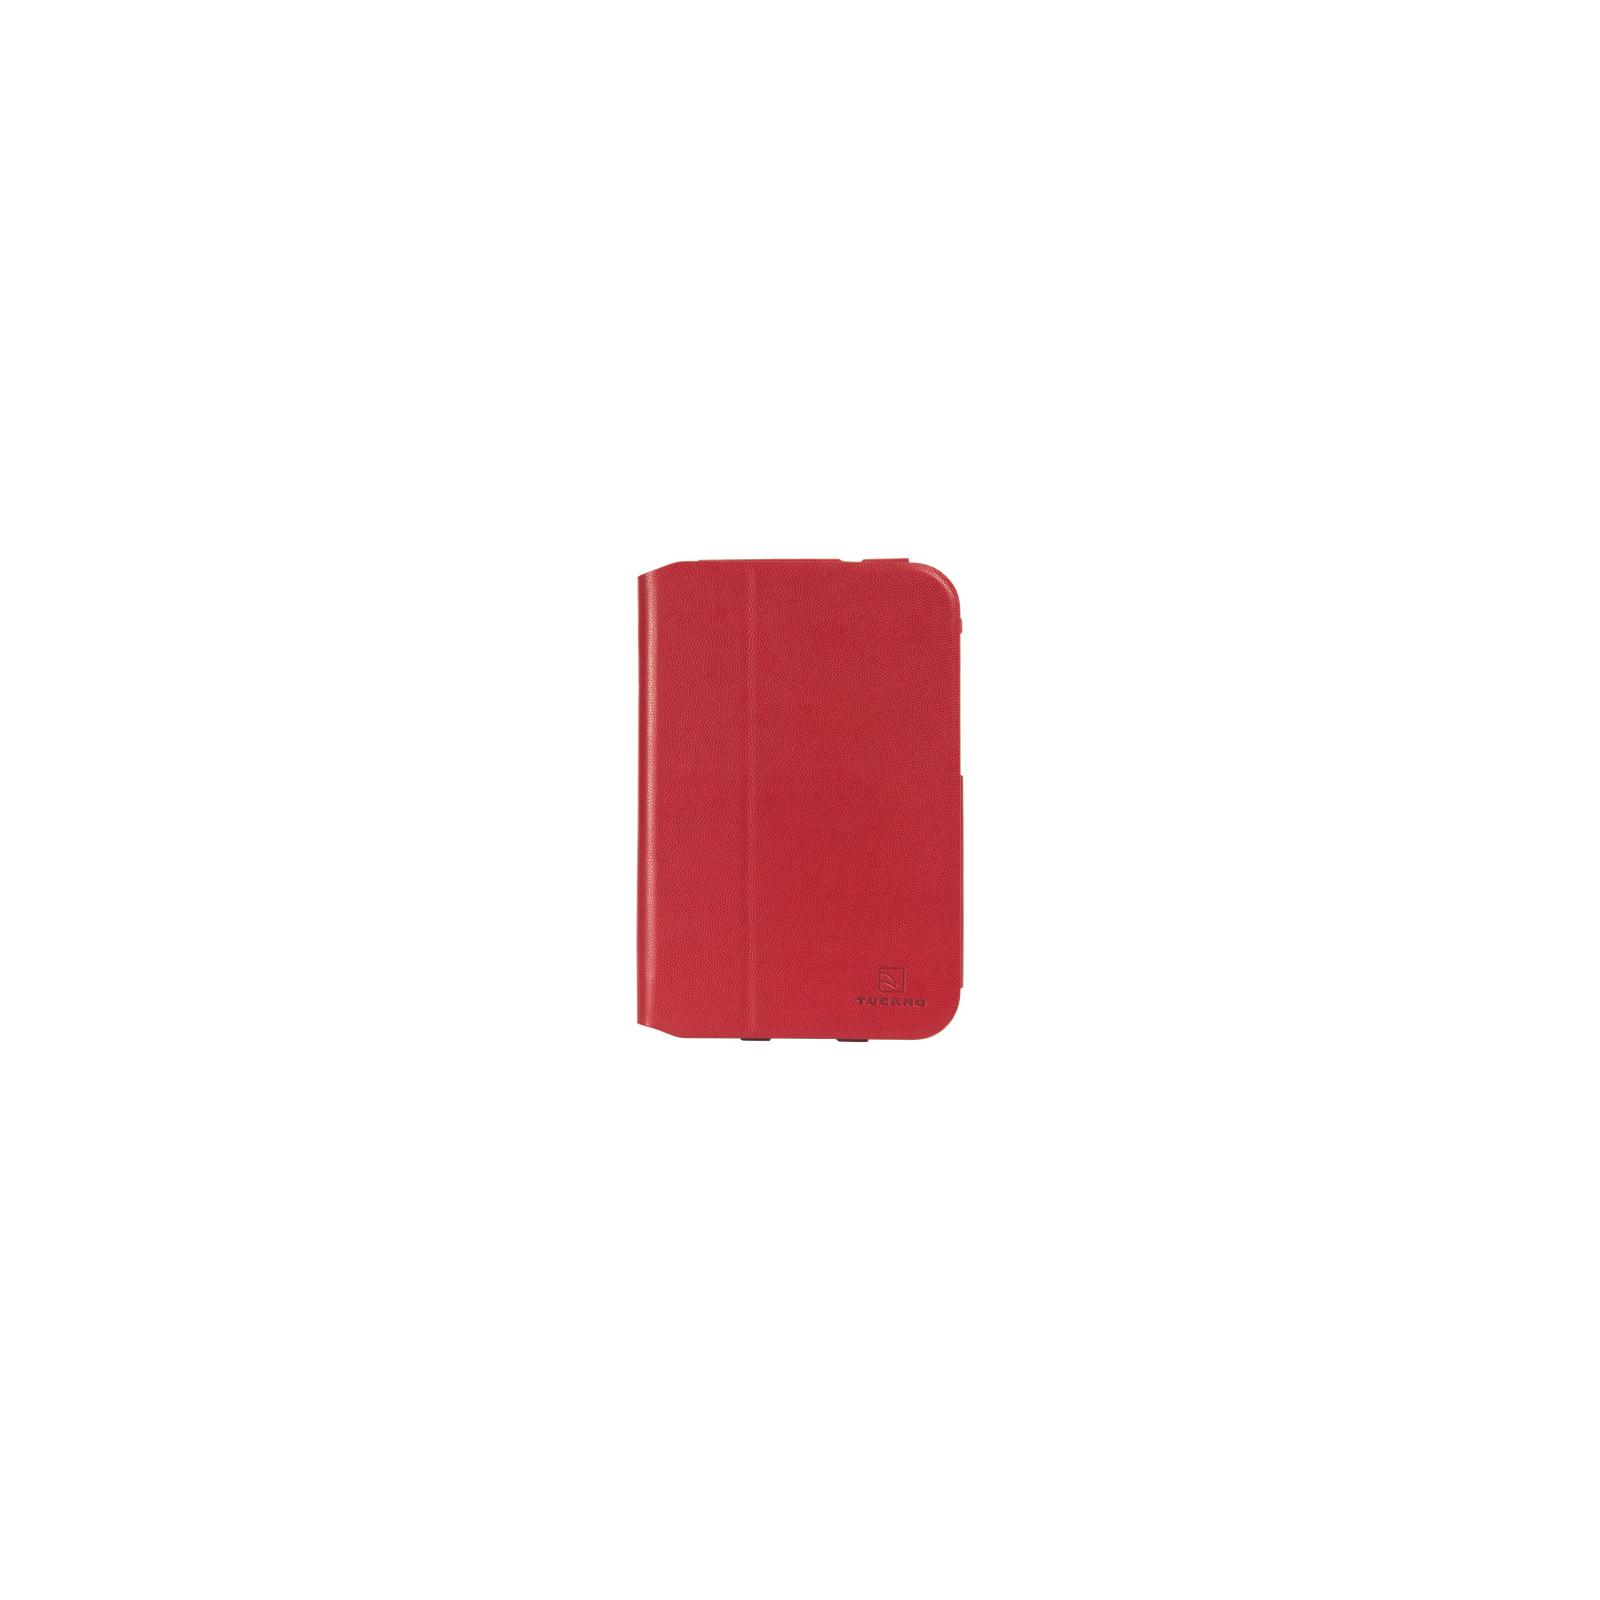 Чехол для планшета Tucano Galaxy Tab 3 10.1 Leggero Red (TAB-LS310-R)